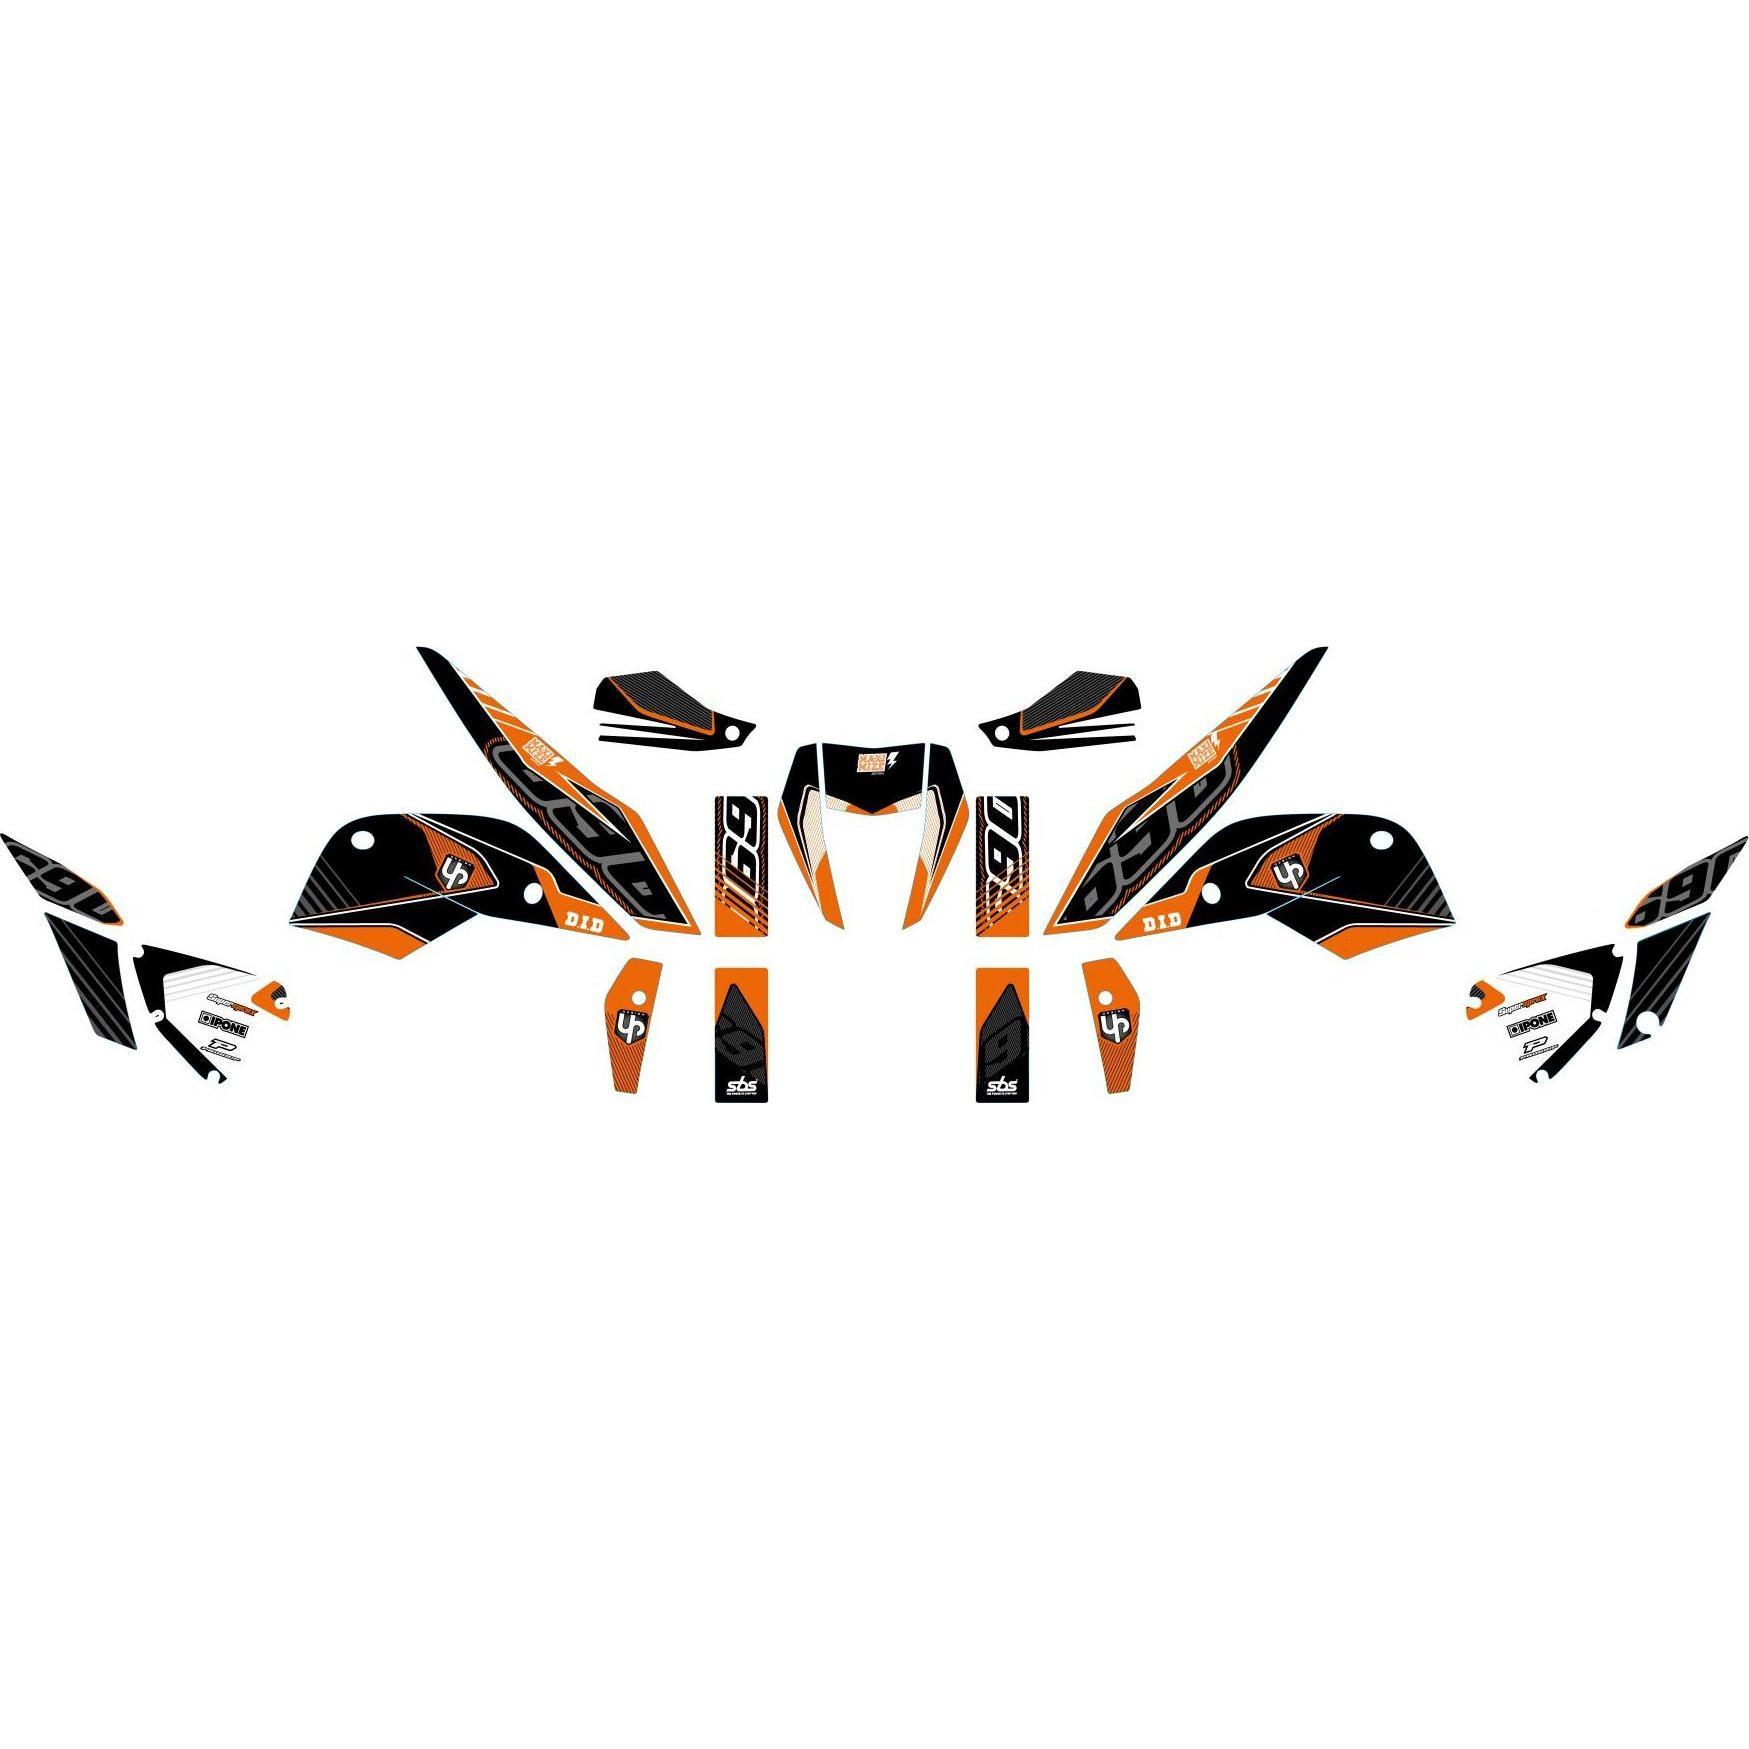 Kit déco Up Maximize noir / orange KTM Duke 690 10-15